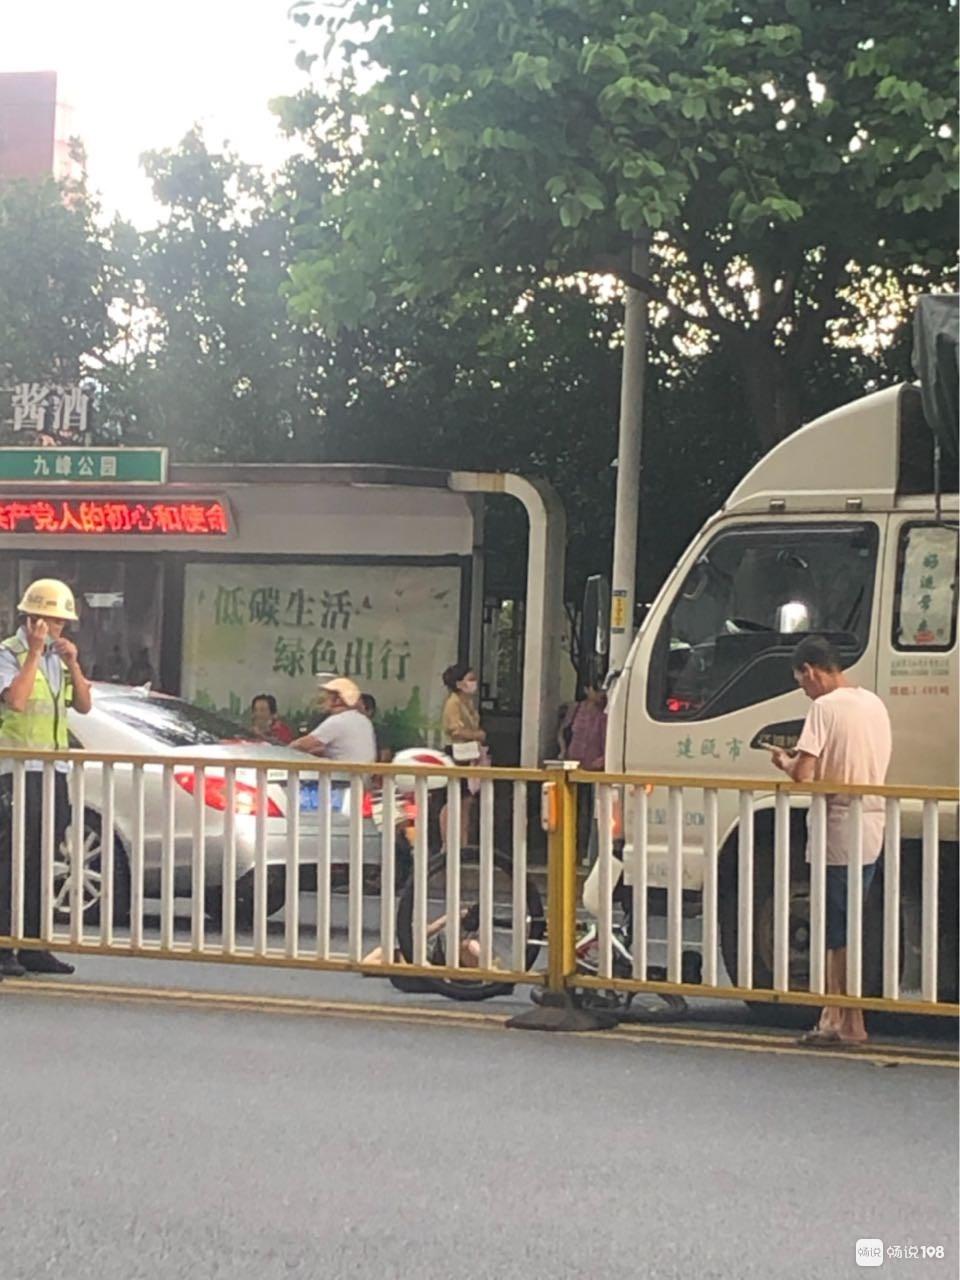 延平九峰公交站出事了!货车撞上自行车,车主倒地…